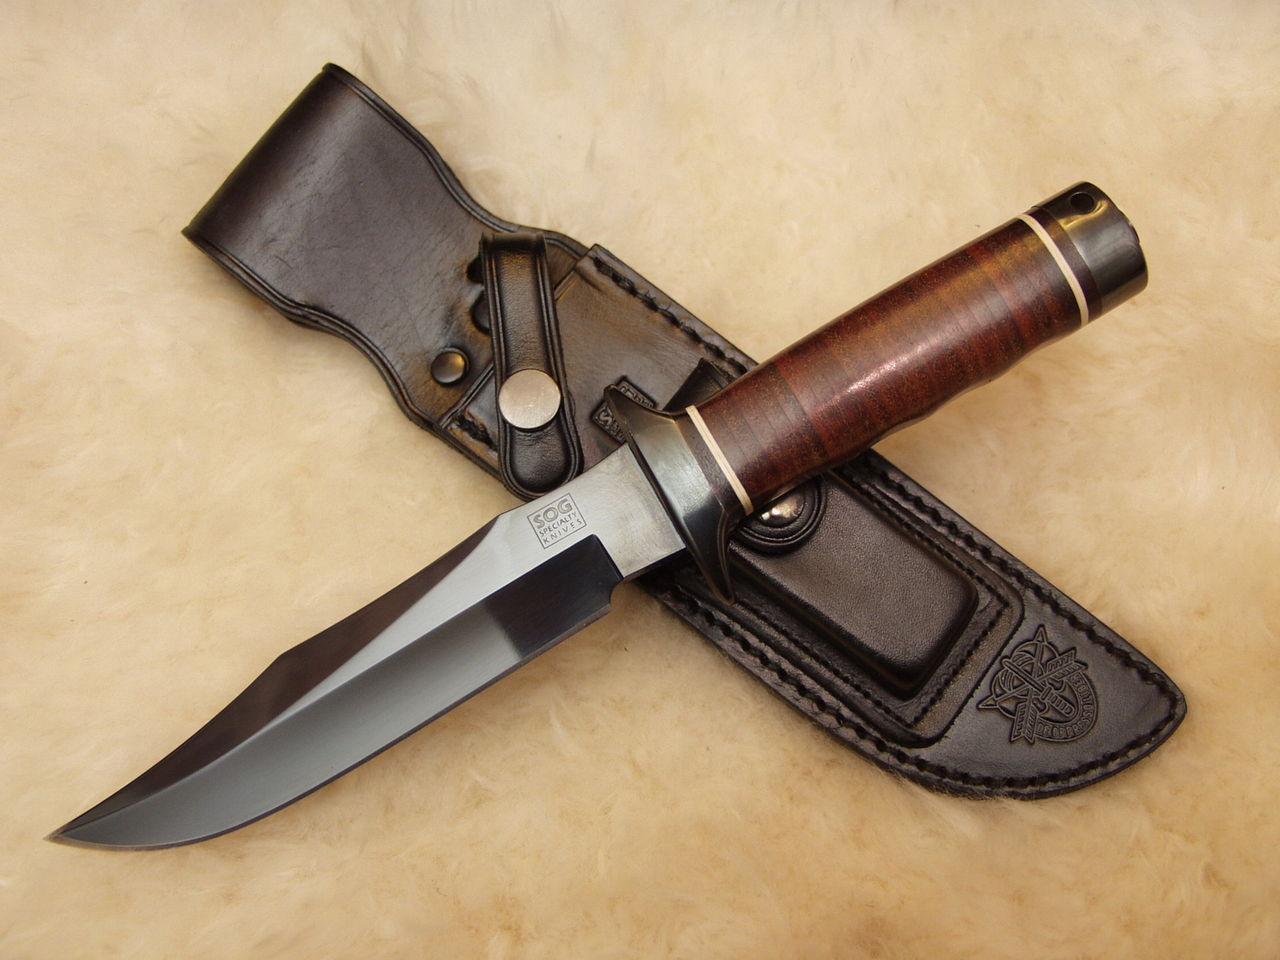 Самые опасные ножи мира, Самые необычные ножи в мире! (12 фото 1 видео) 15 фотография